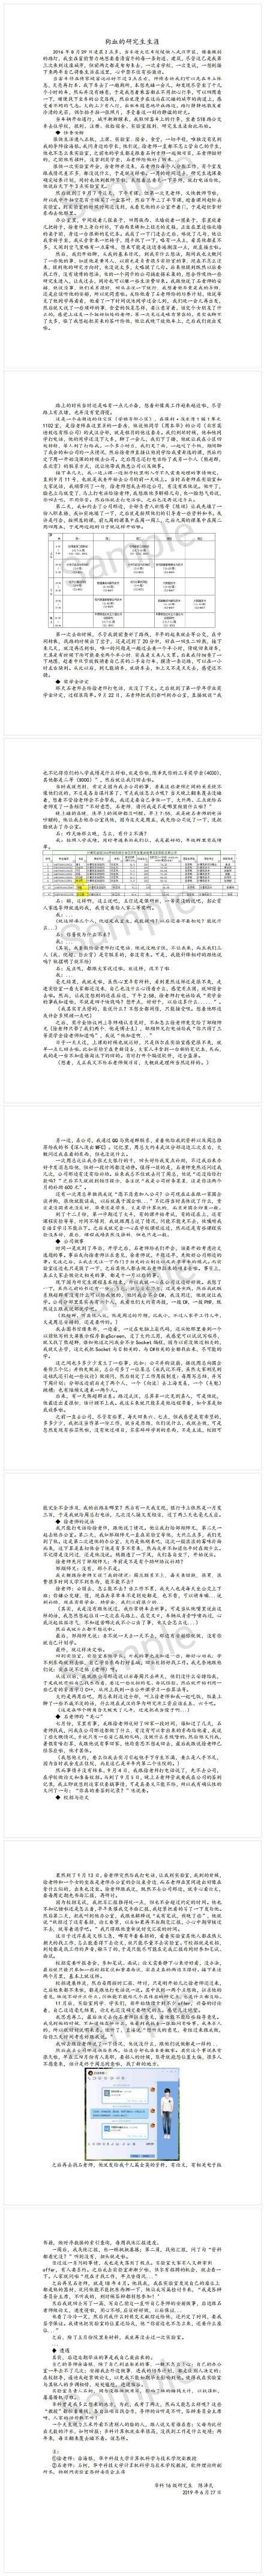 2019华中科技大学研究生跳楼事件始末,跳楼研究生绝笔信说了什么